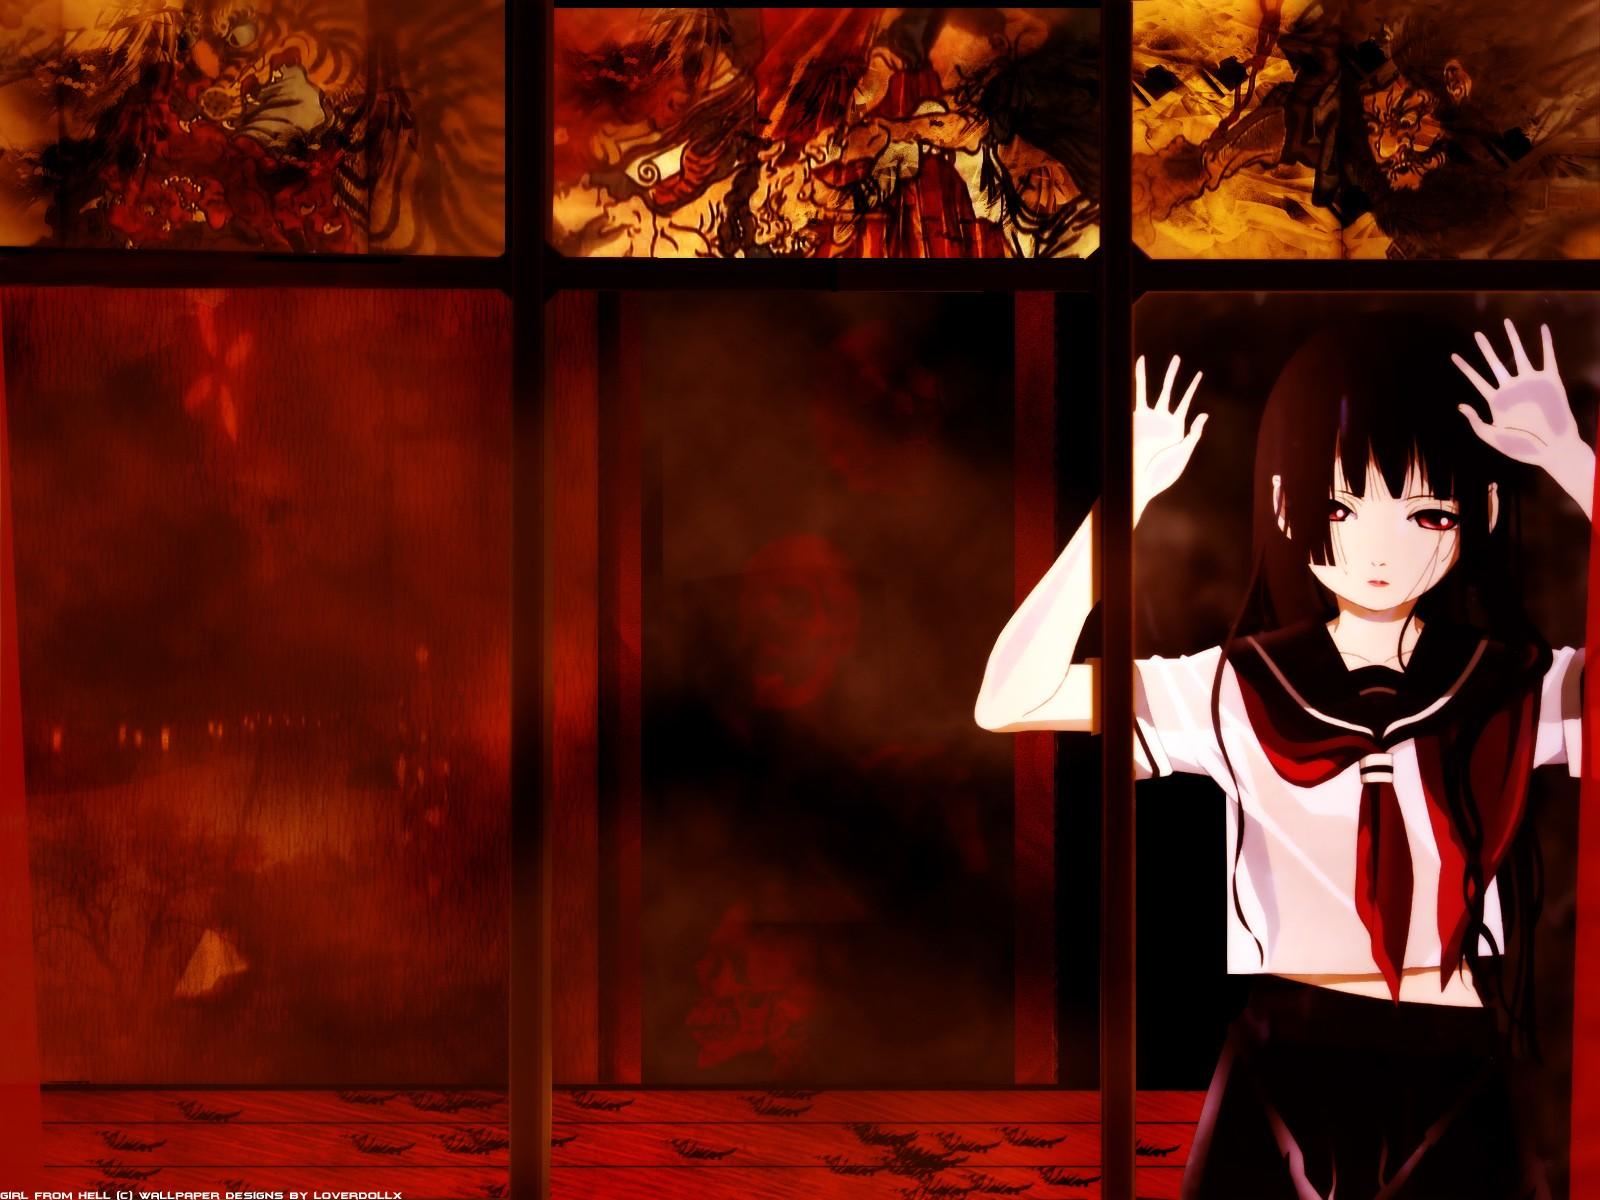 Sfondi Finestra Anime Girls Sfondo Rosso Uniforme Scolastica Jigoku Shoujo Enma Ai Immagine Dello Schermo Sfondo Del Computer 1600x1200 Buran1997 194299 Sfondi Gratis Wallhere